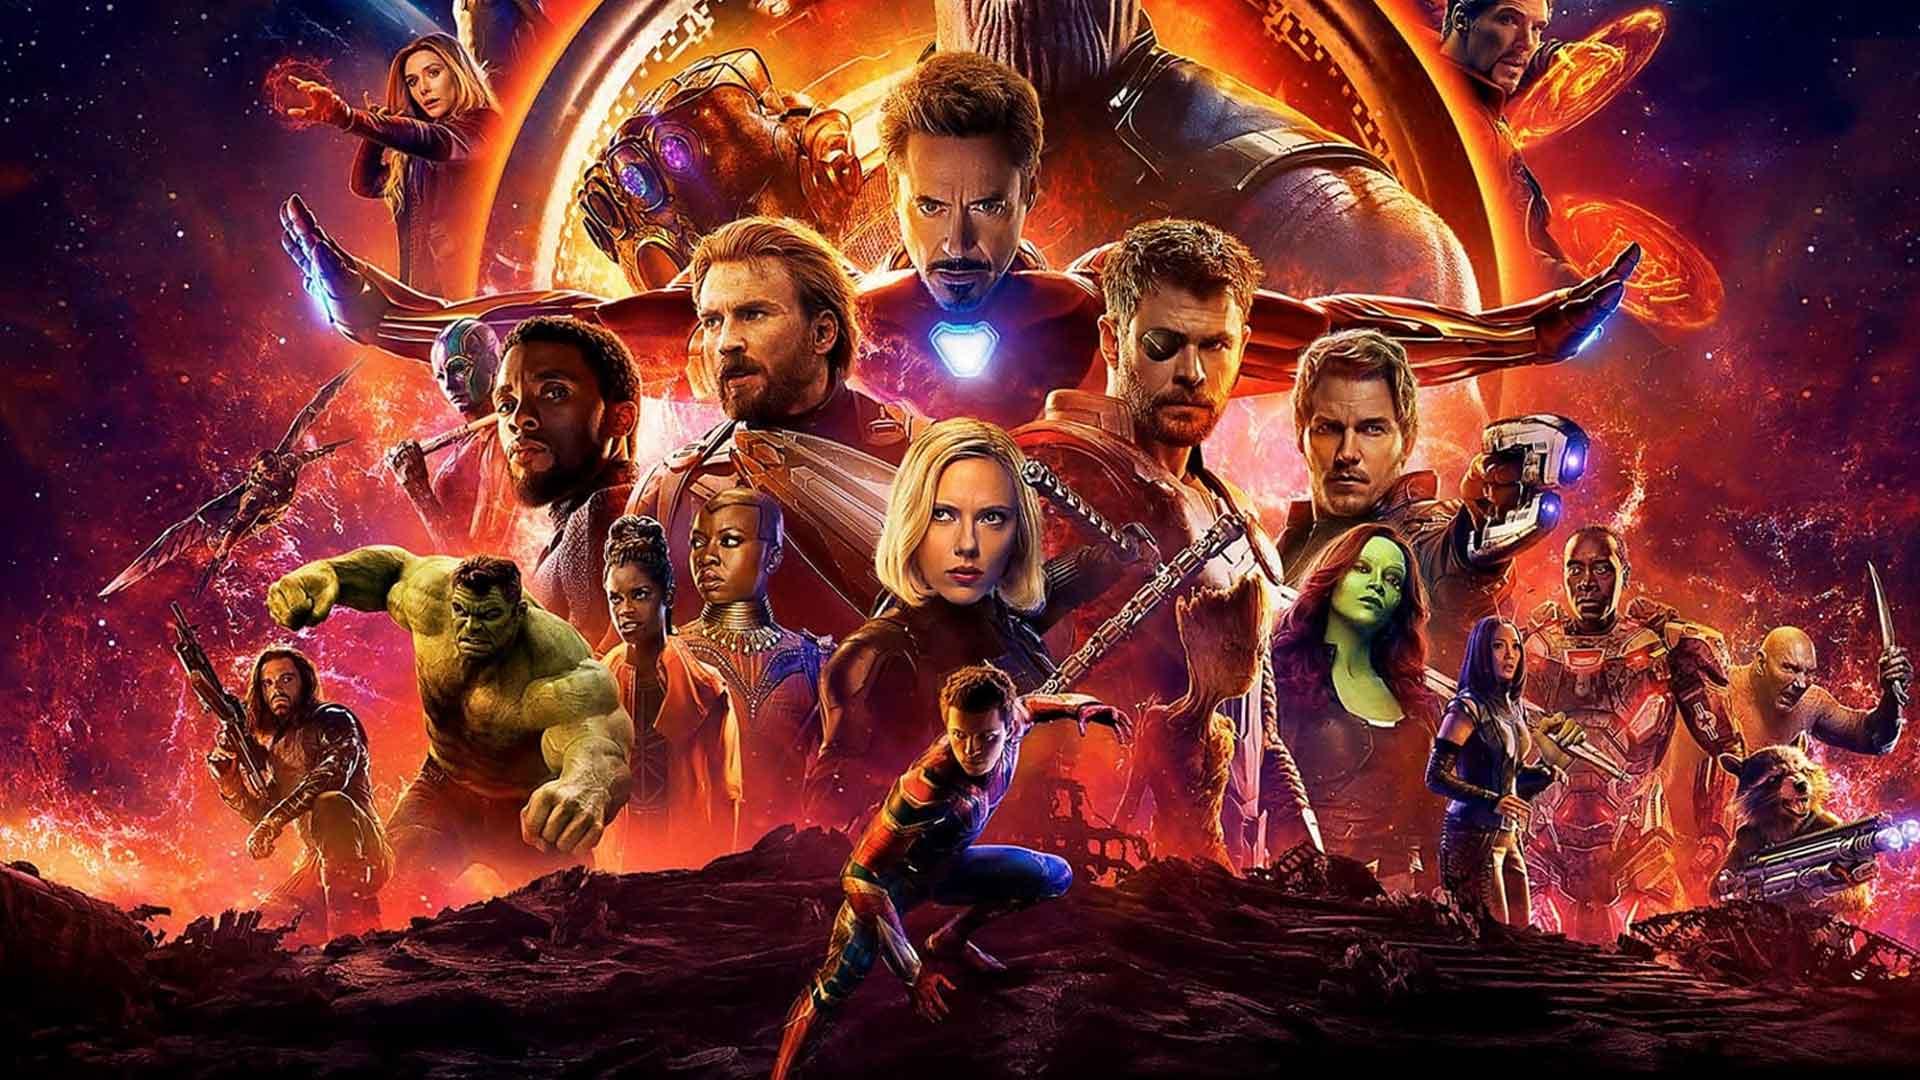 Vingadores Ultimato Novo Teaser Da Marvel Revela Imagens Ineditas